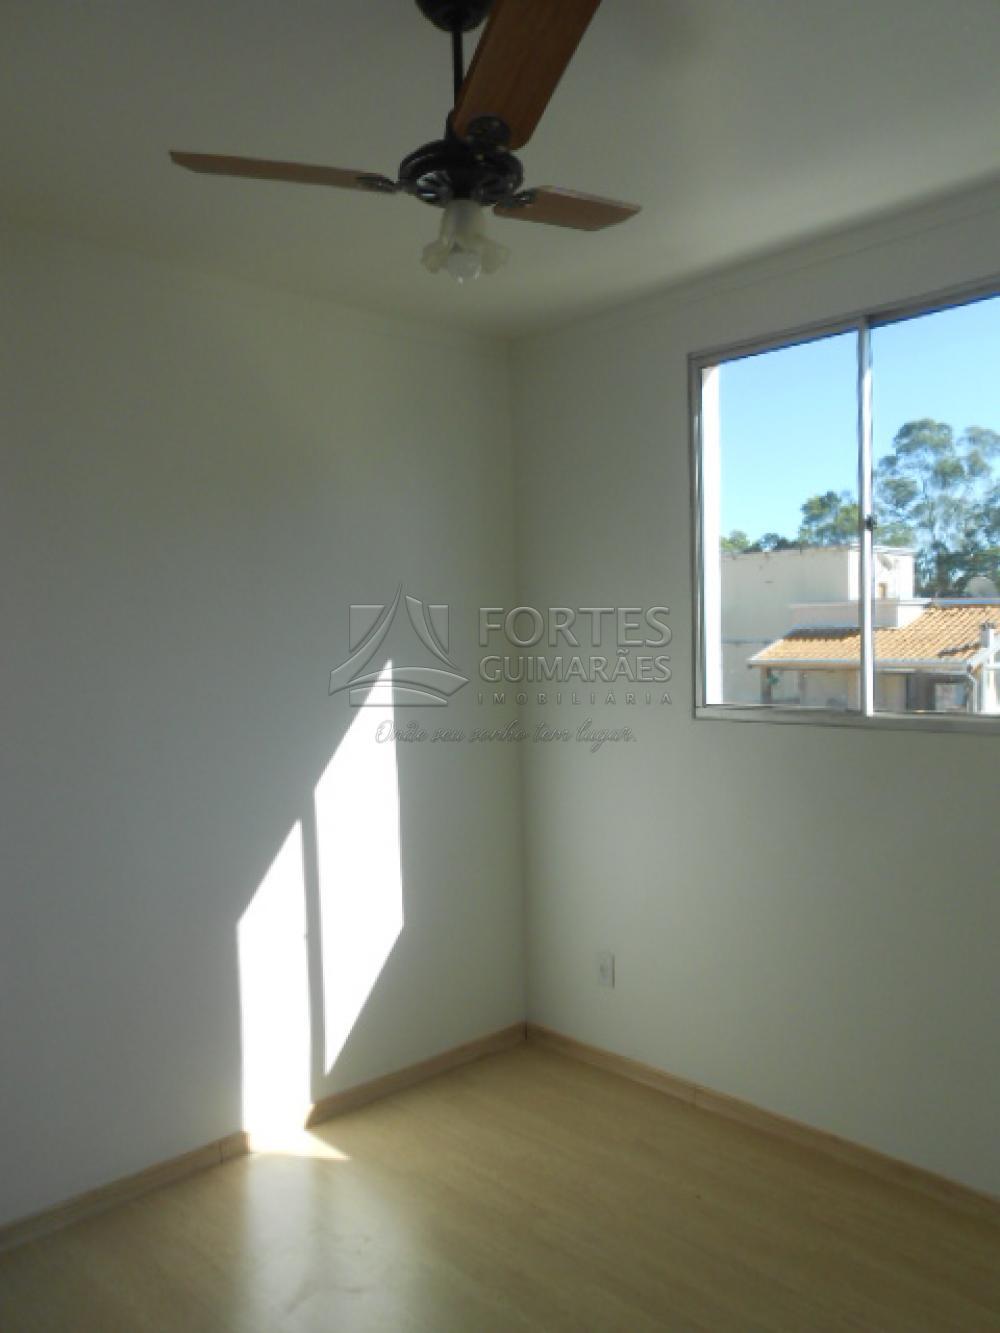 Alugar Apartamentos / Cobertura em Ribeirão Preto apenas R$ 1.000,00 - Foto 18